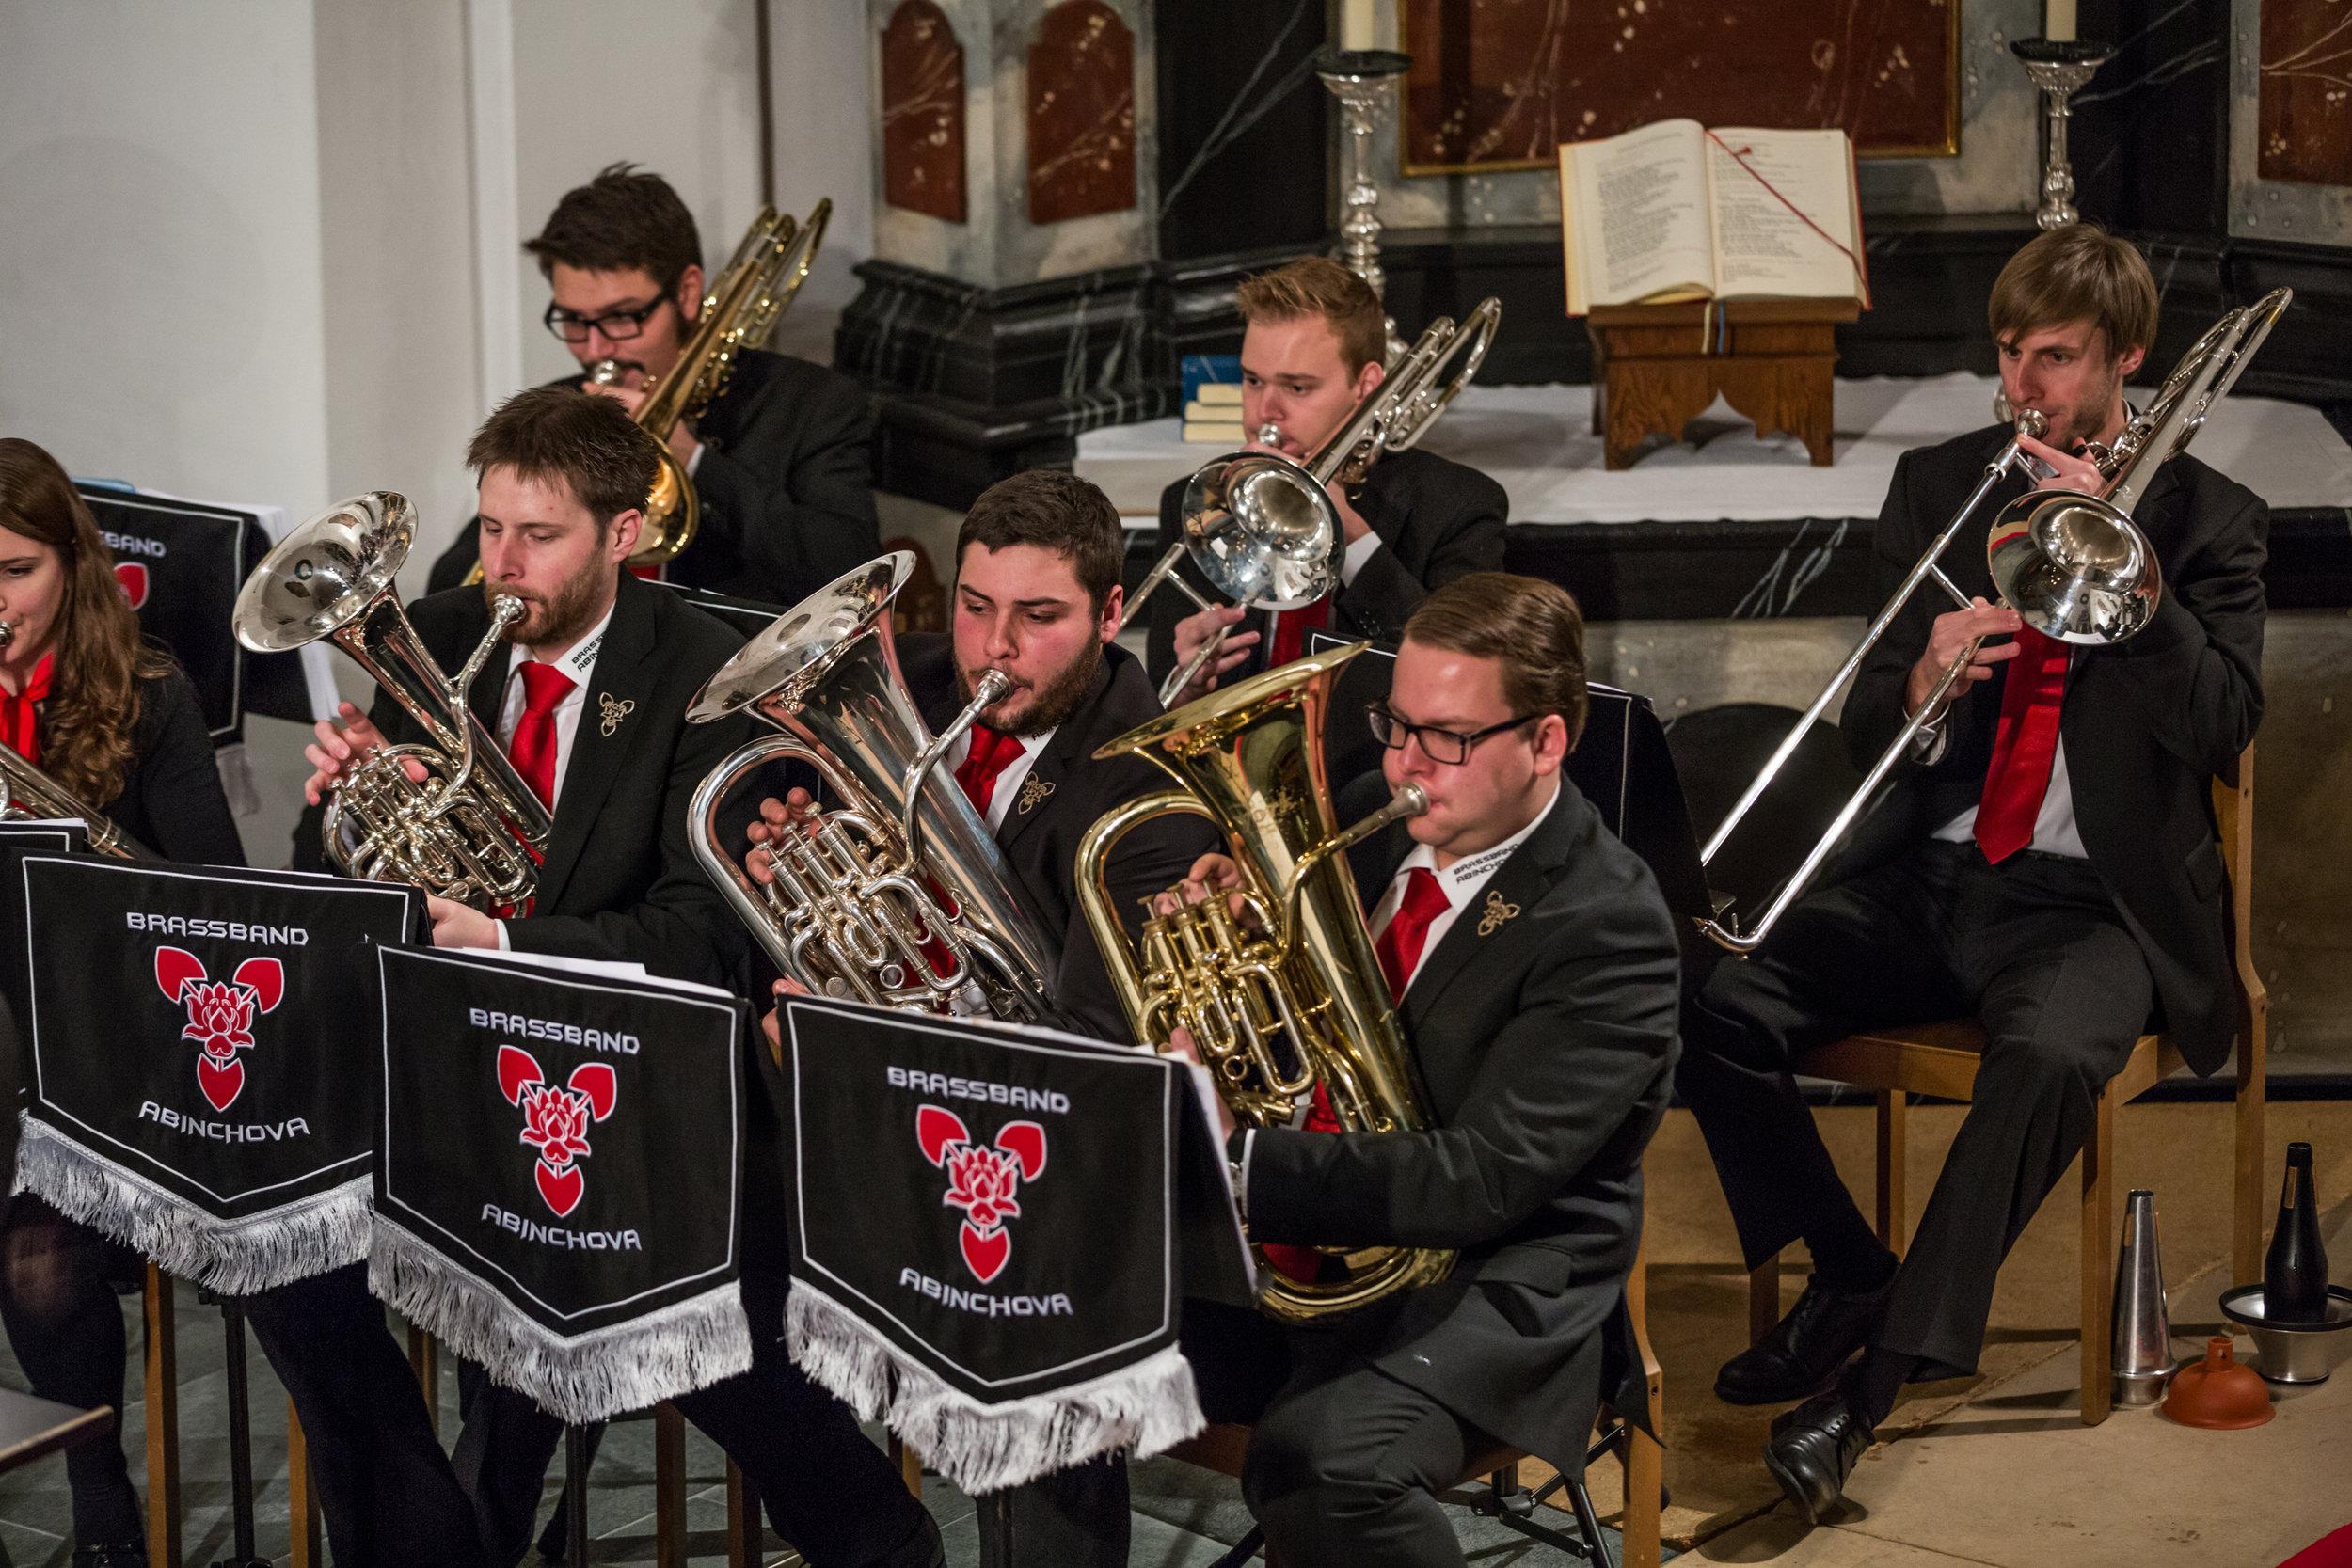 20161210_Gaudette_Konzert_Brassband_Abinchova_23.jpg